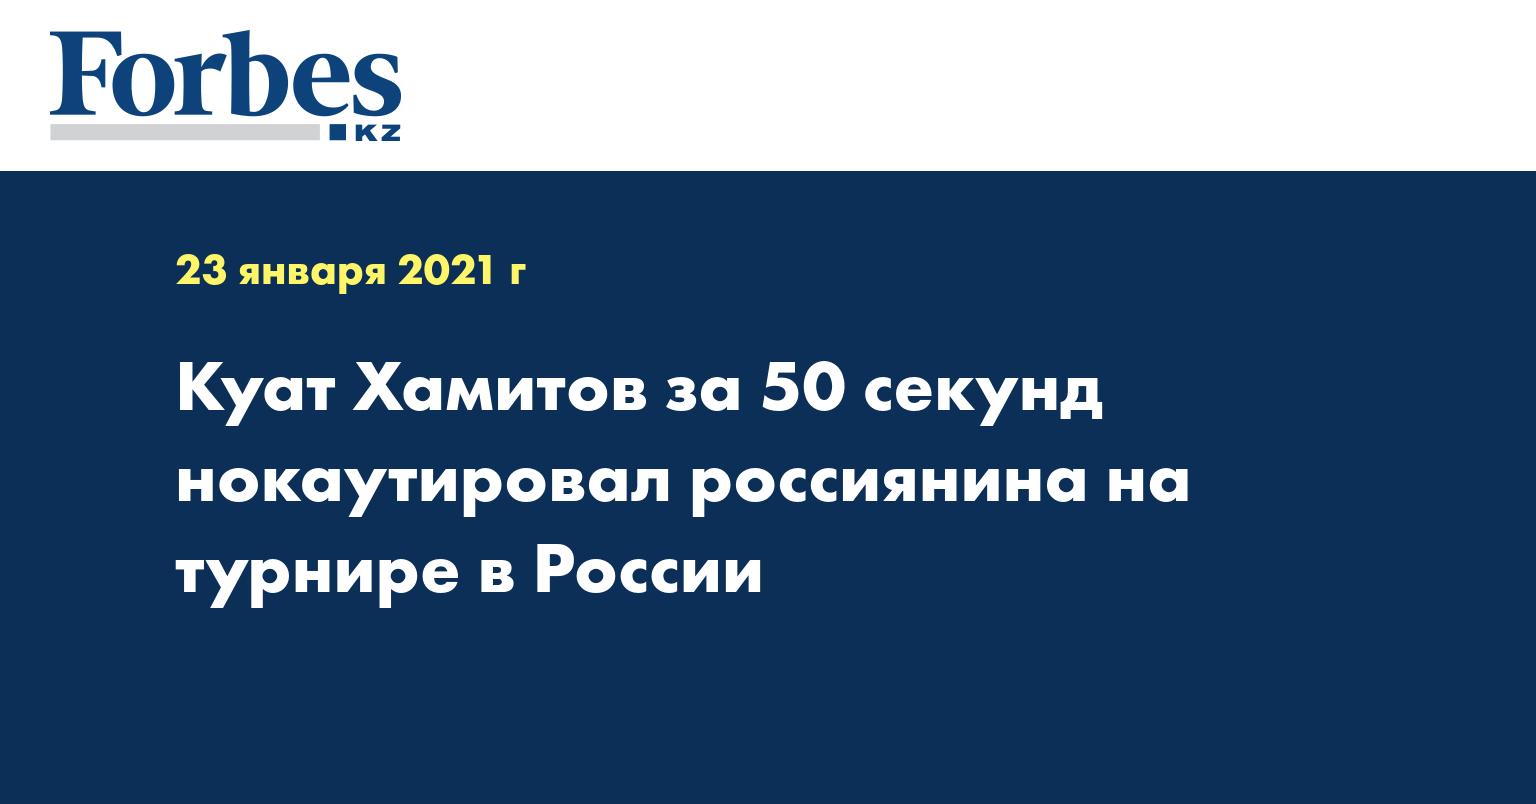 Куат Хамитов за 50 секунд нокаутировал россиянина на турнире в России